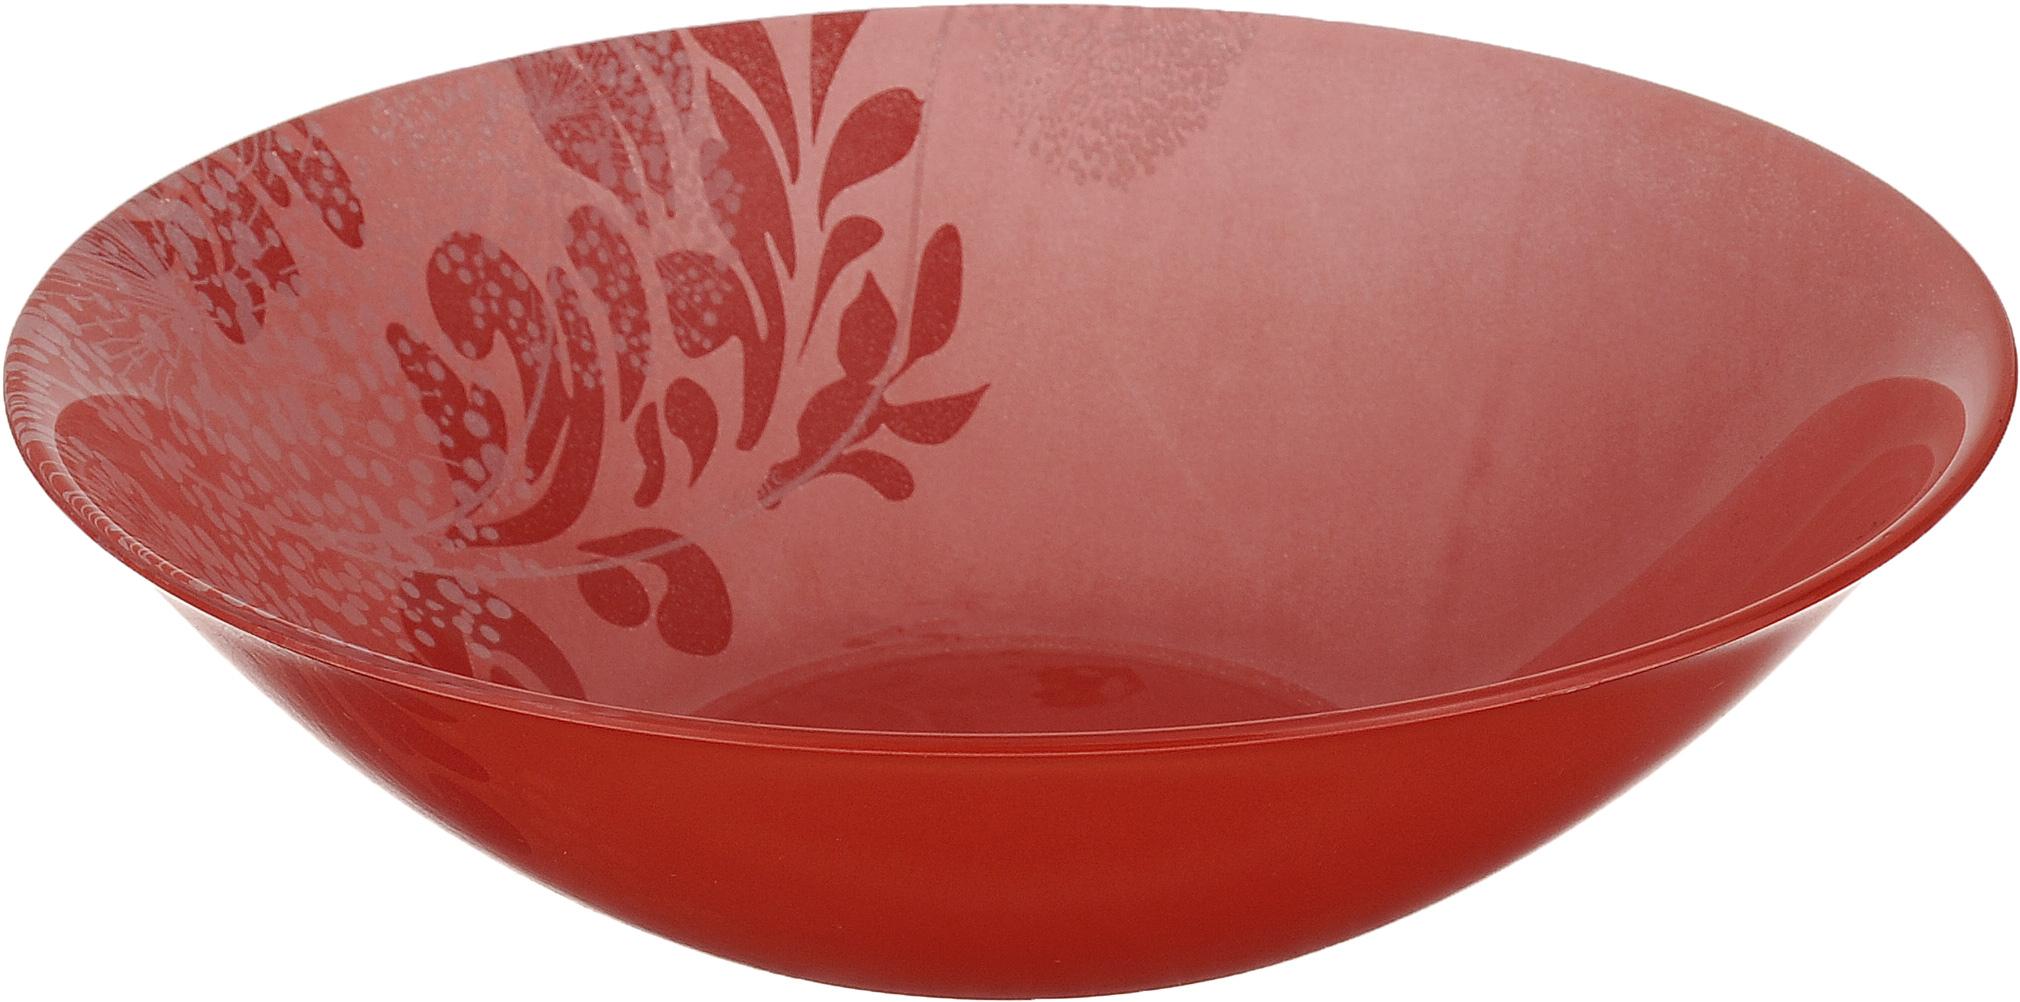 Миска Luminarc Piuze, диаметр 16 смJ7544Миска Luminarc Piuze выполнена из высококачественного стекла. Изделие сочетает в себе изысканный дизайн с максимальной функциональностью. Она прекрасно впишется в интерьер вашей кухни и станет достойным дополнением к кухонному инвентарю. Миска Piuze подчеркнет прекрасный вкус хозяйки и станет отличным подарком. Диаметр миски (по верхнему краю): 16 см. Высота стенки: 5 см.